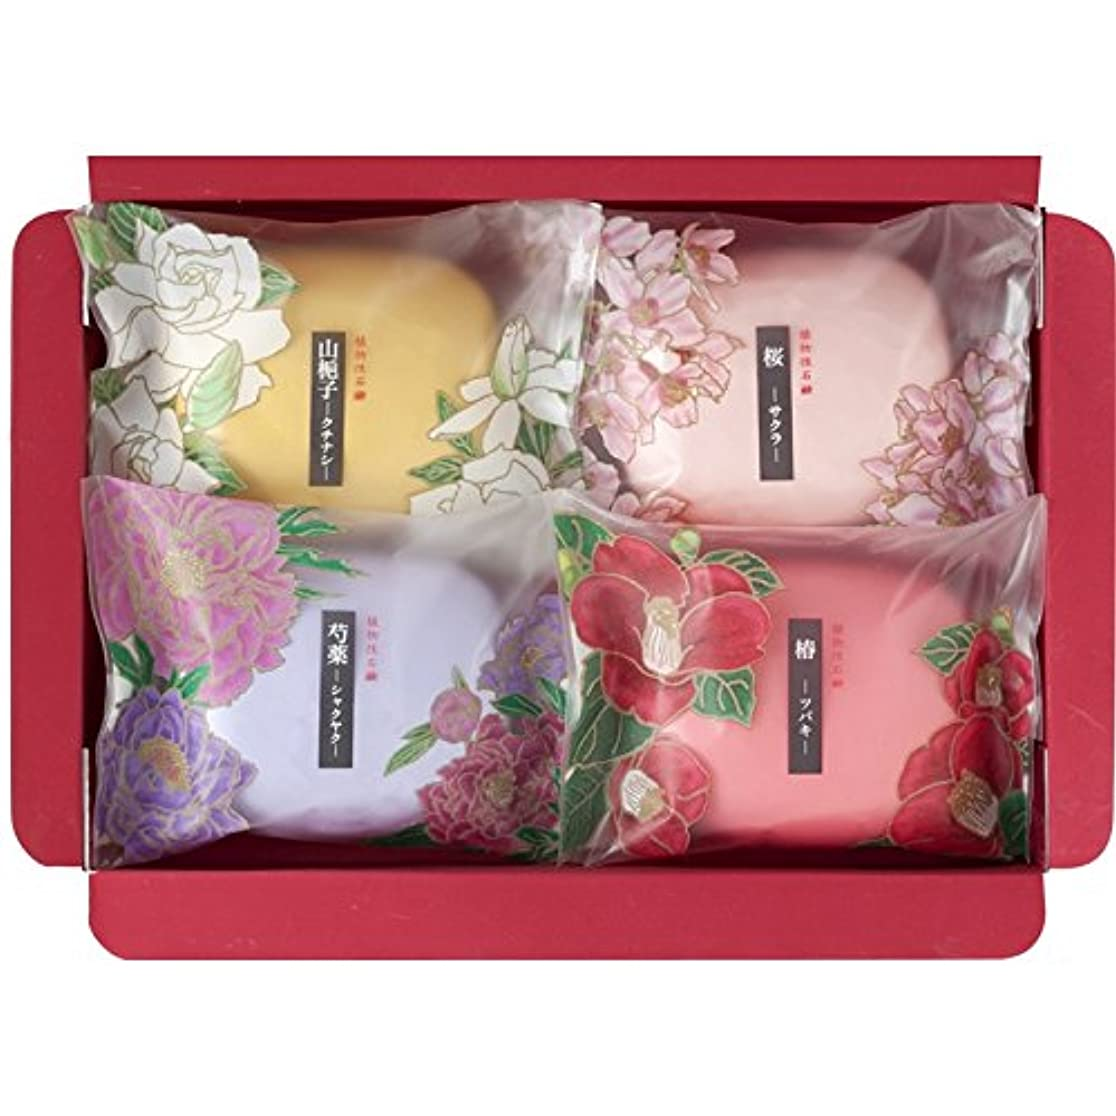 ライドバリー自分のために彩花だより 【固形 ギフト せっけん あわ いい香り いい匂い うるおい プレゼント お風呂 かおり からだ きれい つめあわせ 日本製 国産 500】